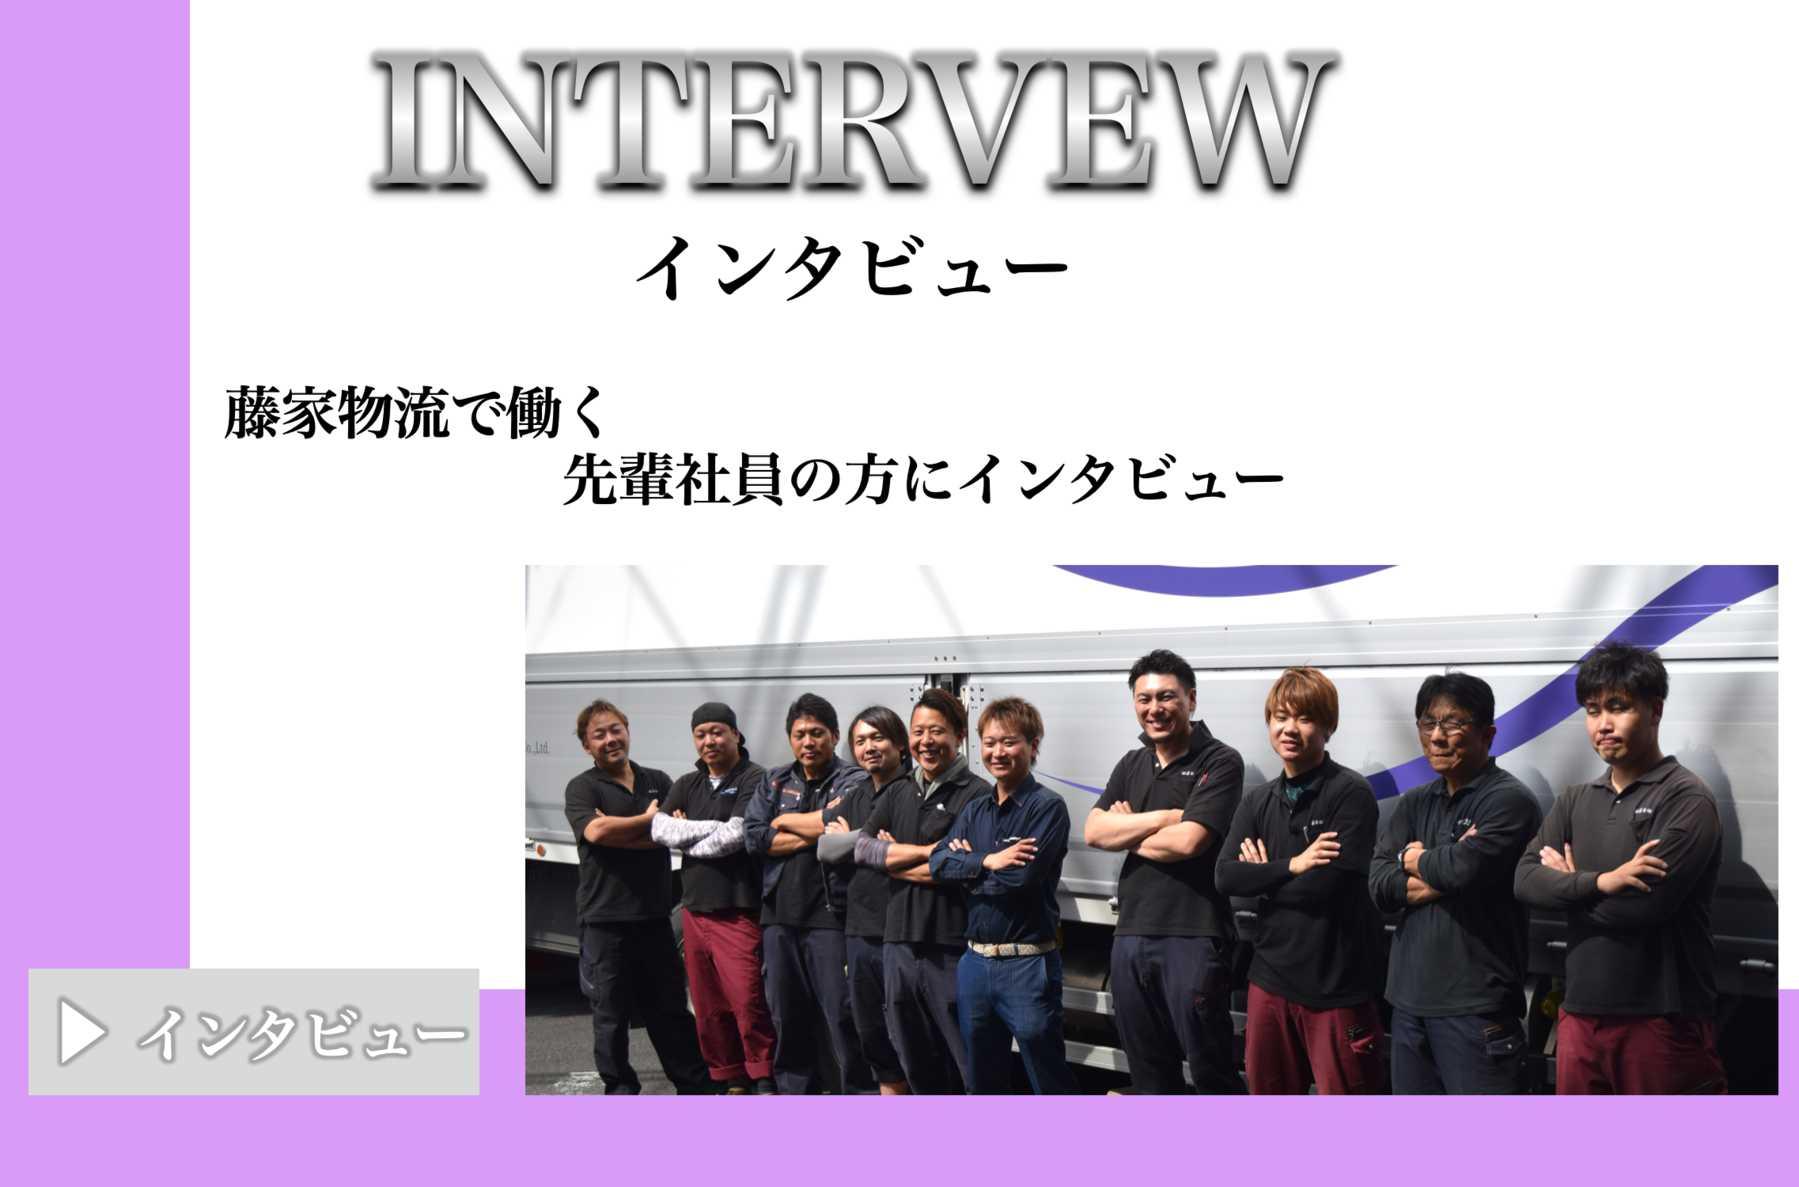 藤家物流社員へのインタビュー